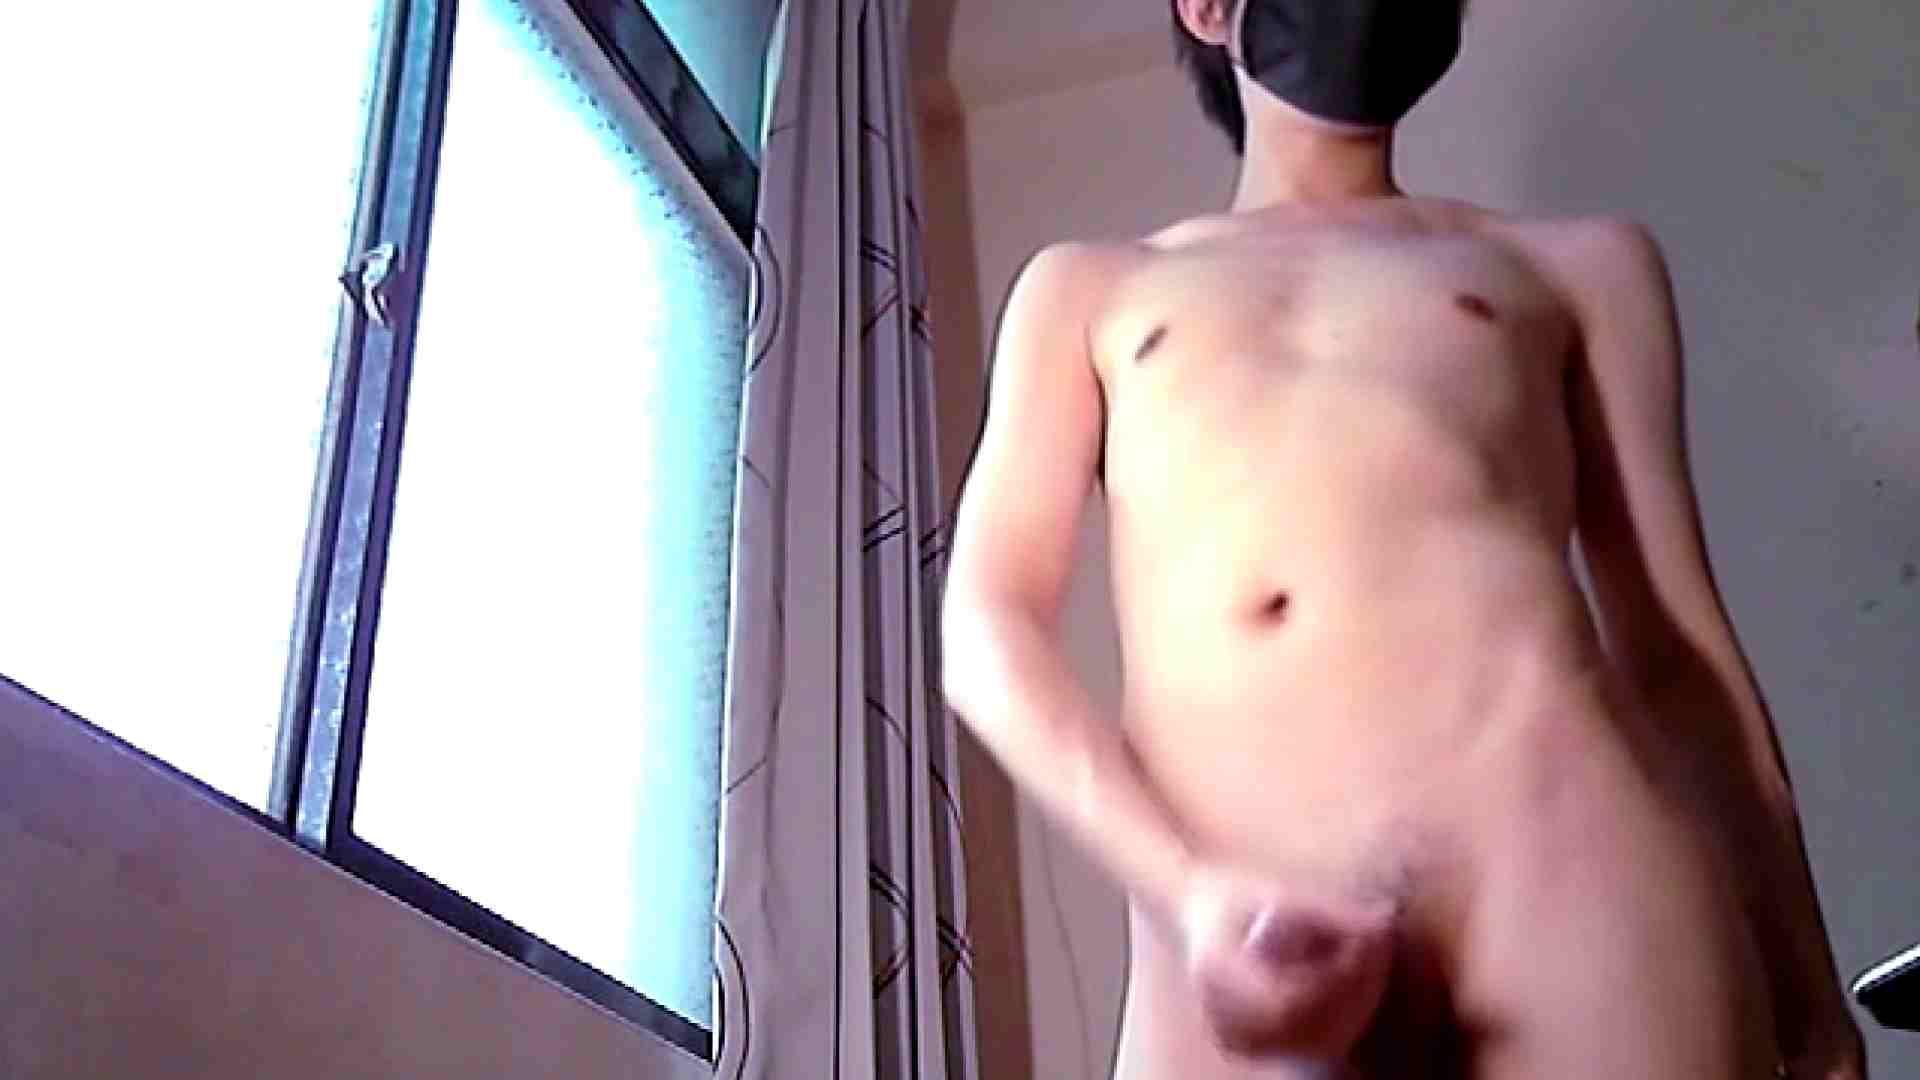 ぎゃんかわ男子のはれんちオナニー  vol.05 オナニー アダルトビデオ画像キャプチャ 108枚 38